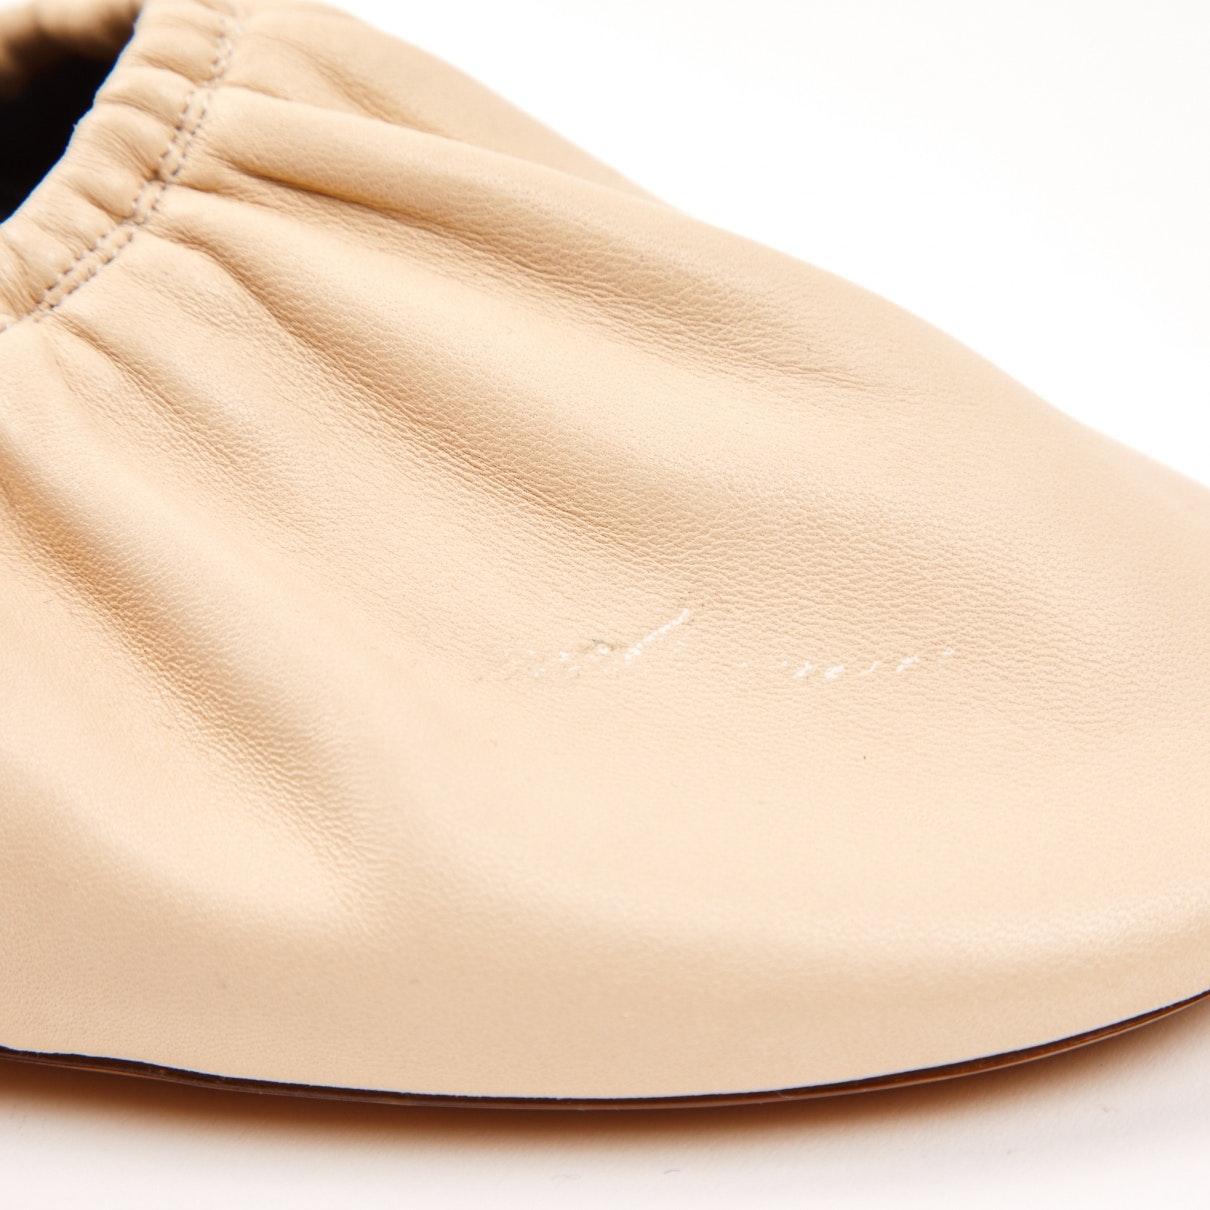 Zuecos en cuero beige Celine de Cuero de color Neutro